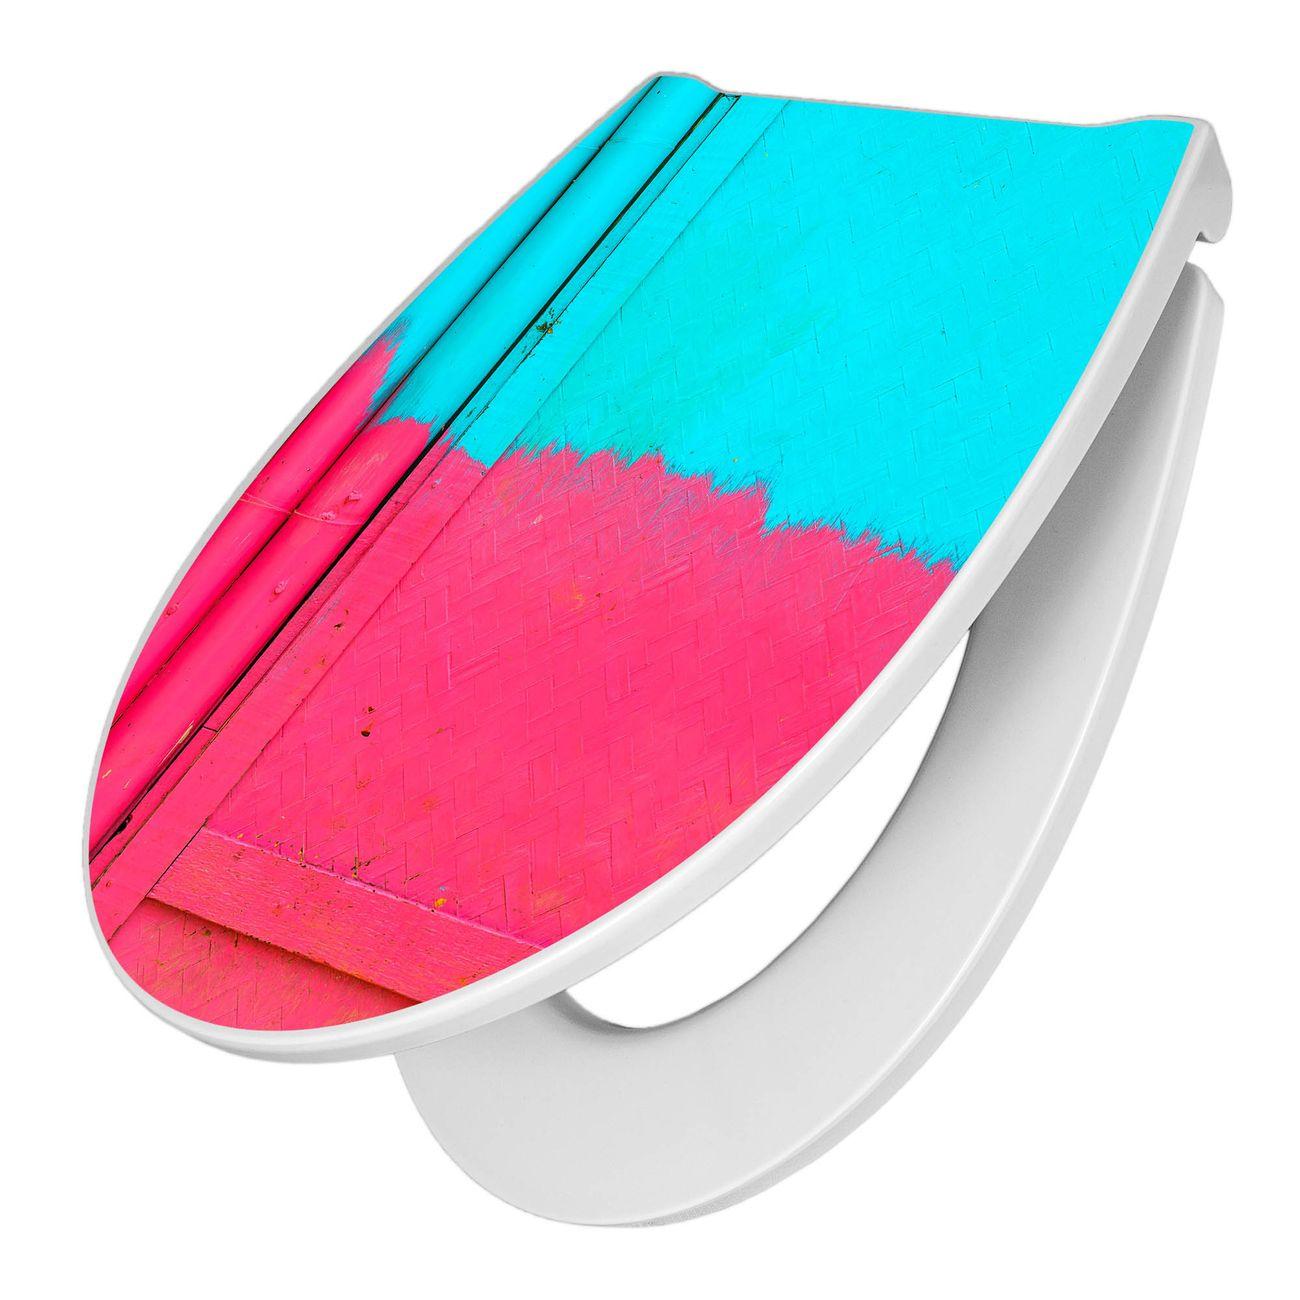 Premium WC-Sitz Softclose Absenkautomatik Motiv Zwei Farben